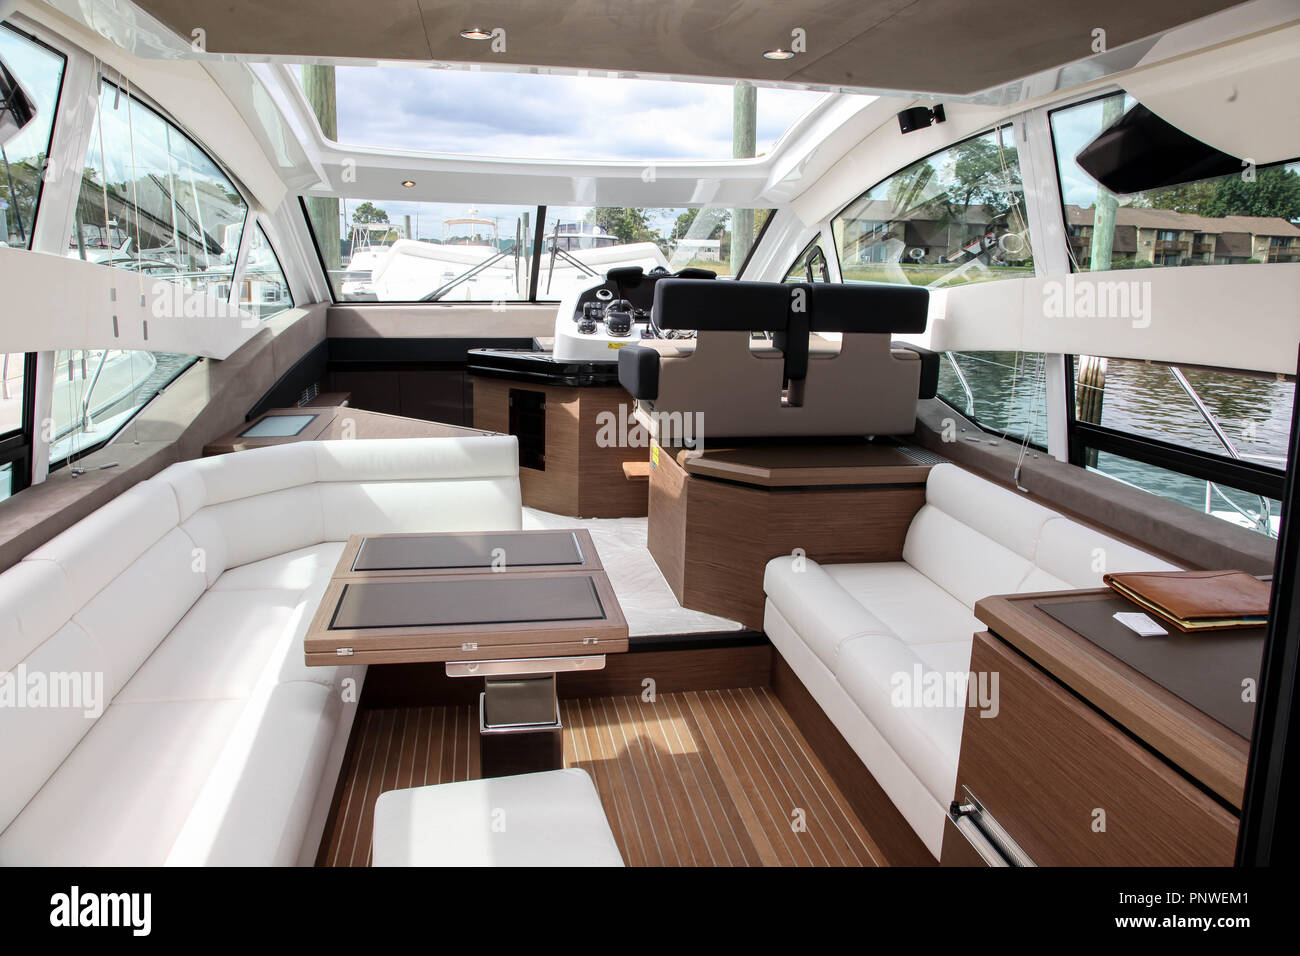 NORWALK, CT, Stati Uniti d'America - 20 settembre 2018: Gran Turismo da Beneteau visualizzato sul progressivo Norwalk Boat Show 2018. Immagini Stock